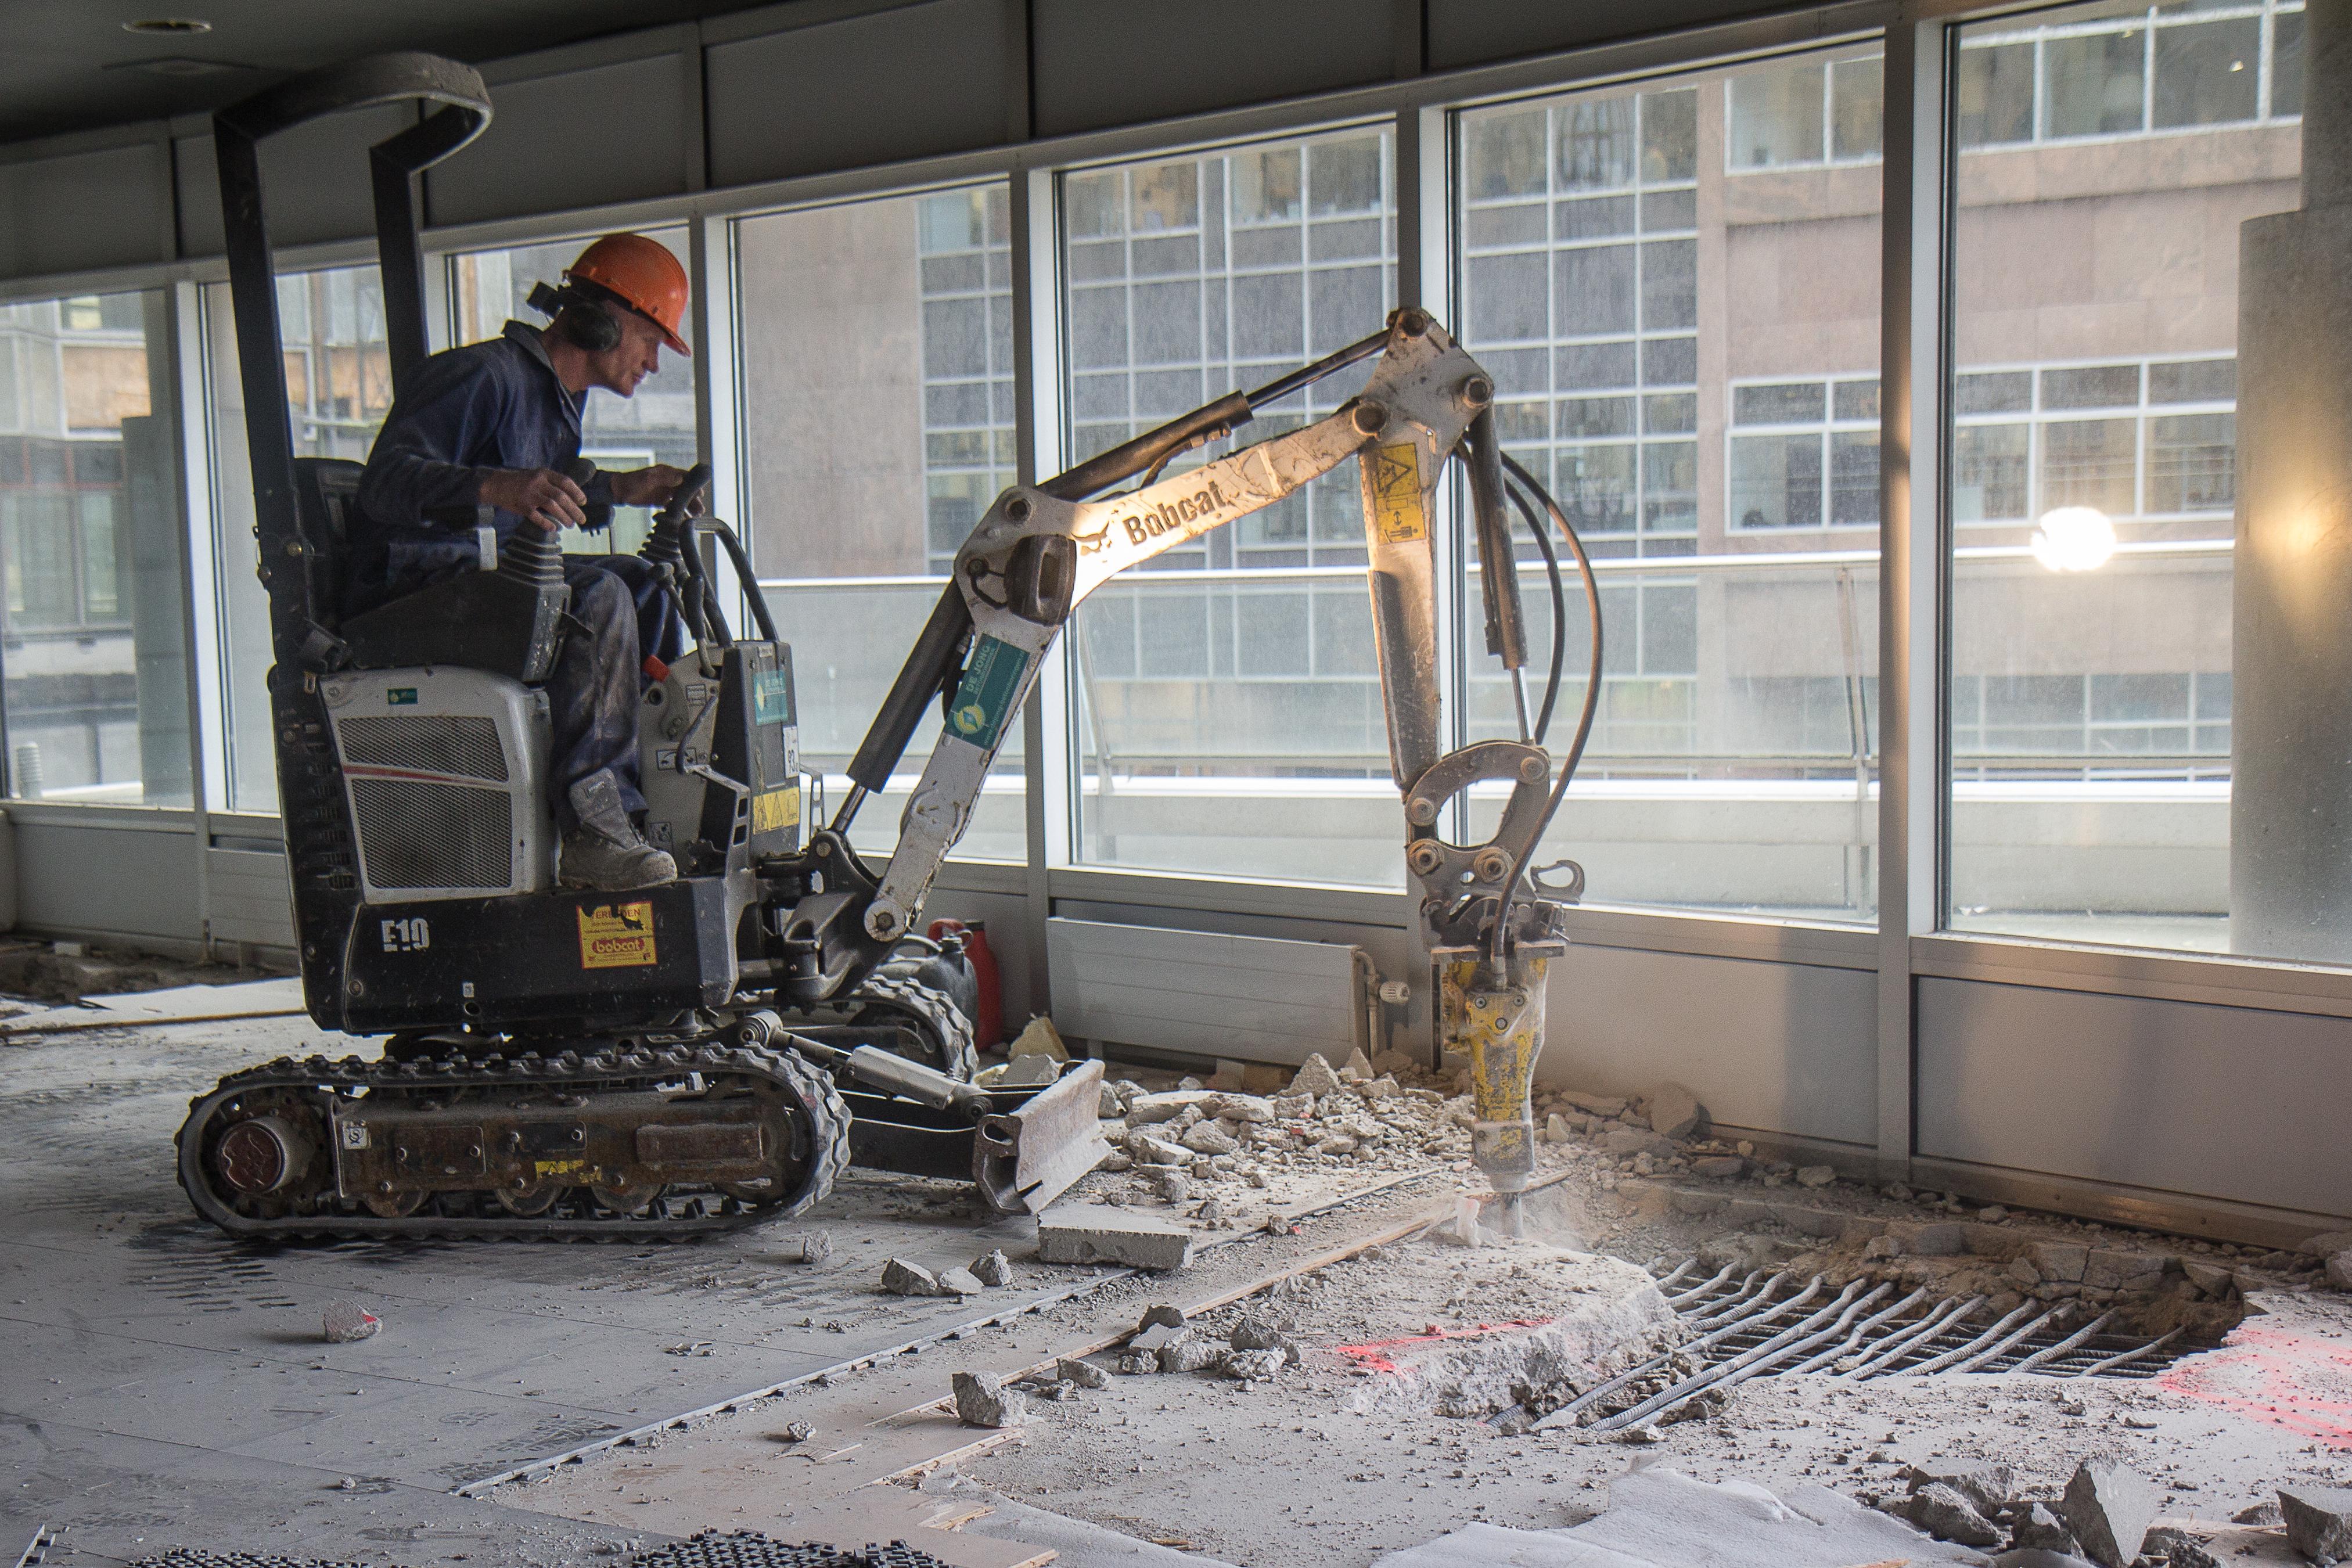 <p>De Bobcat E10-minigraver werkt met 50 kilo hamer, een combi van 1300 kilo. De Brokk werkt met een 200 kilo hamer en weegt 1.600 kilo. 'De Brokk is slechts iets zwaarder maar doet bijna drie keer zoveel', aldus De Jong.</p>